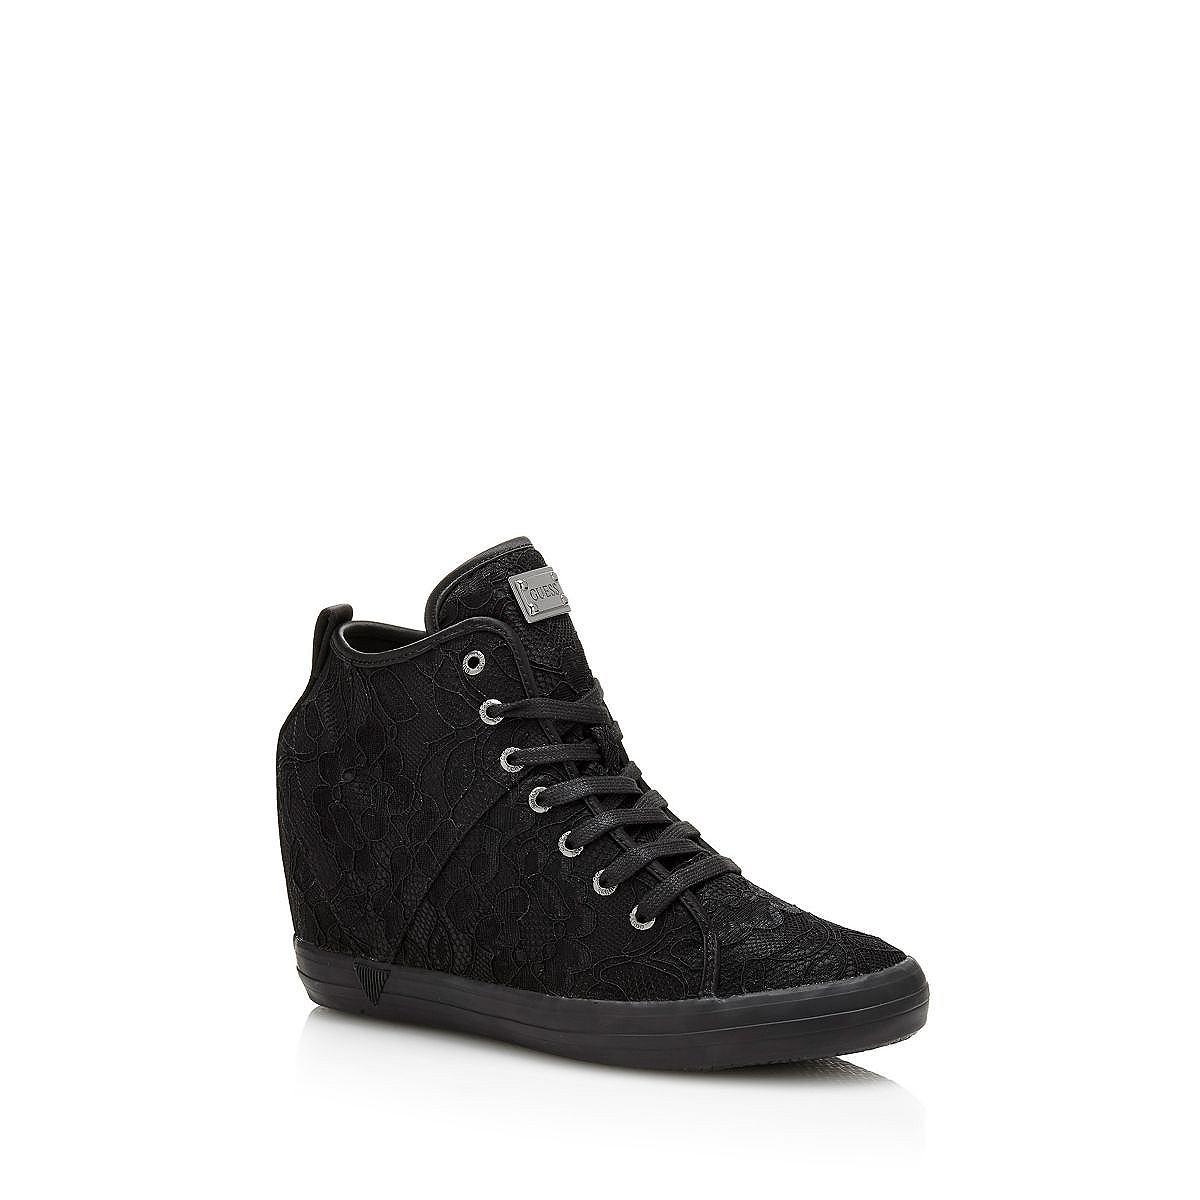 GUESS sneakers JILLY met sleehak en kant